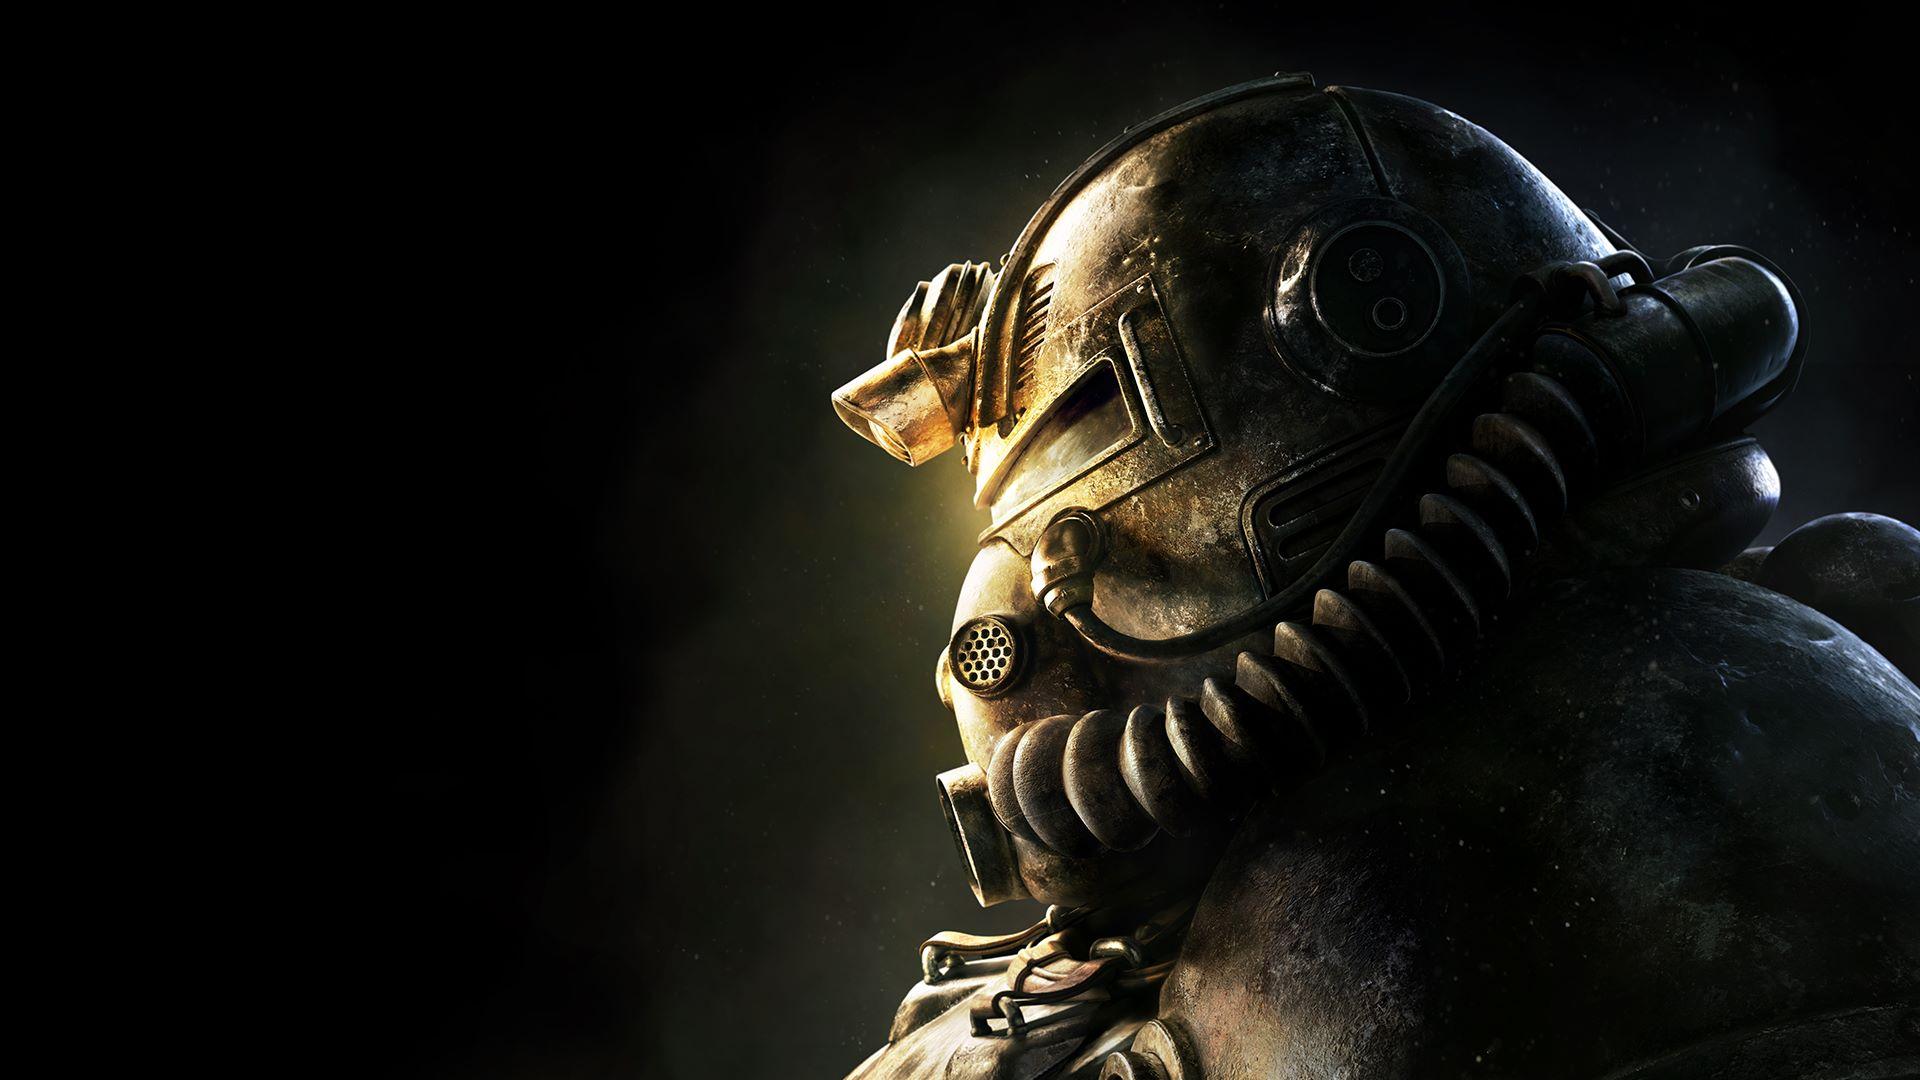 conoce-los-horarios-para-la-beta-de-fallout-76-frikigamers.com